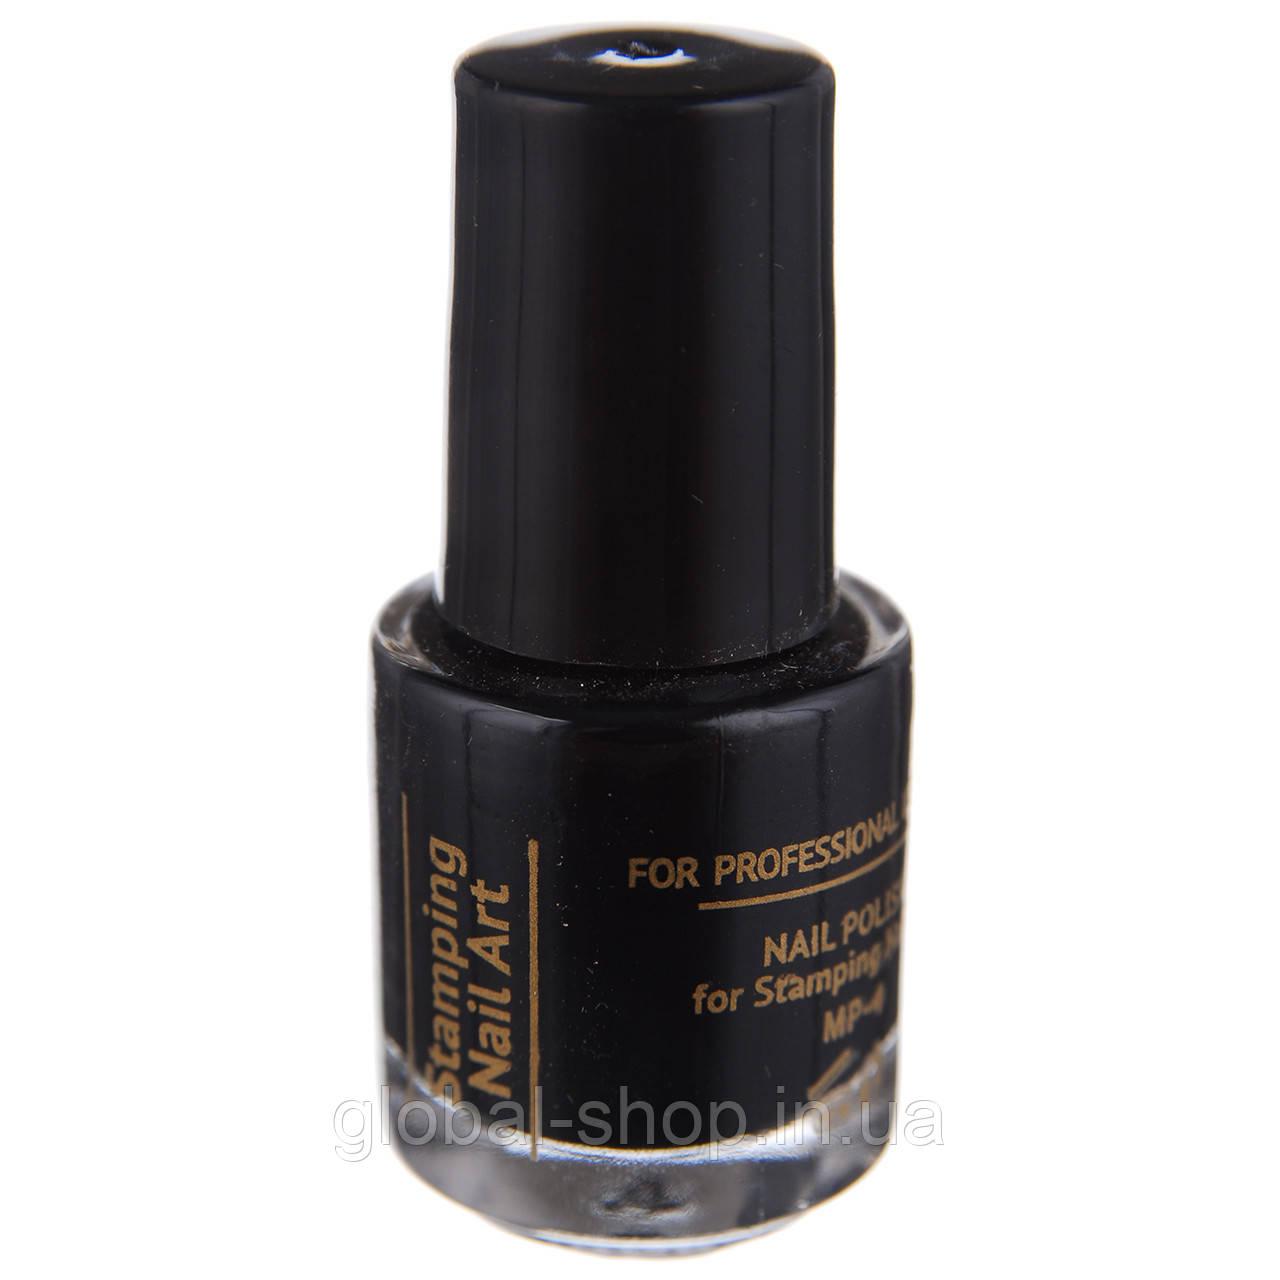 Набор 6 штук краска для стемпинг дизайна,лак для стемпинга, special nail polish